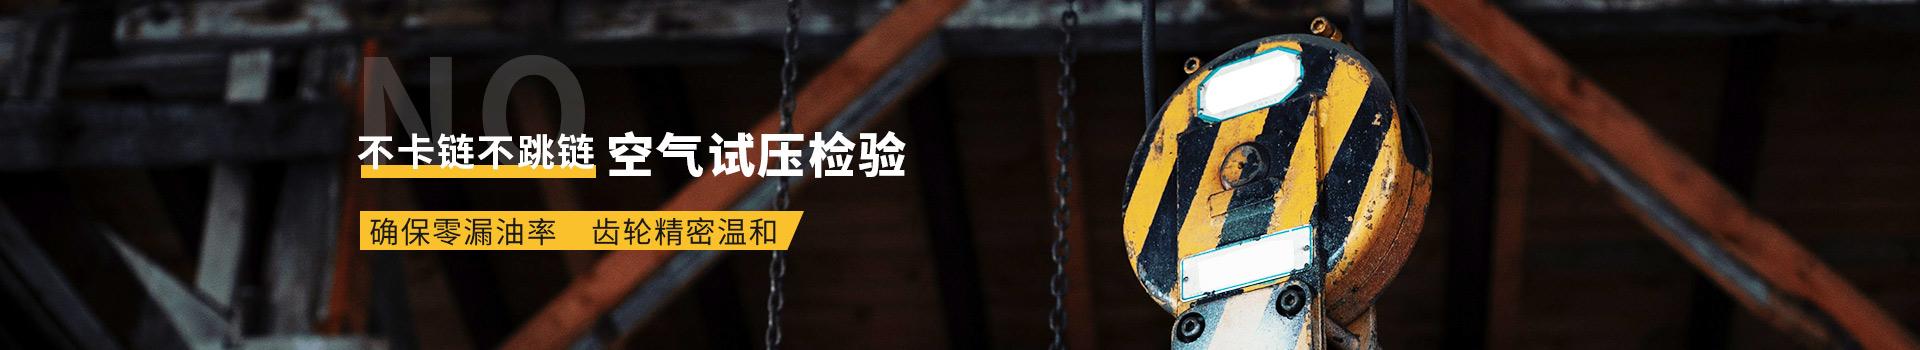 鬼头电动葫芦链轮    不卡链不跳链   空气试压检验     确保零漏油率    齿轮精密温和